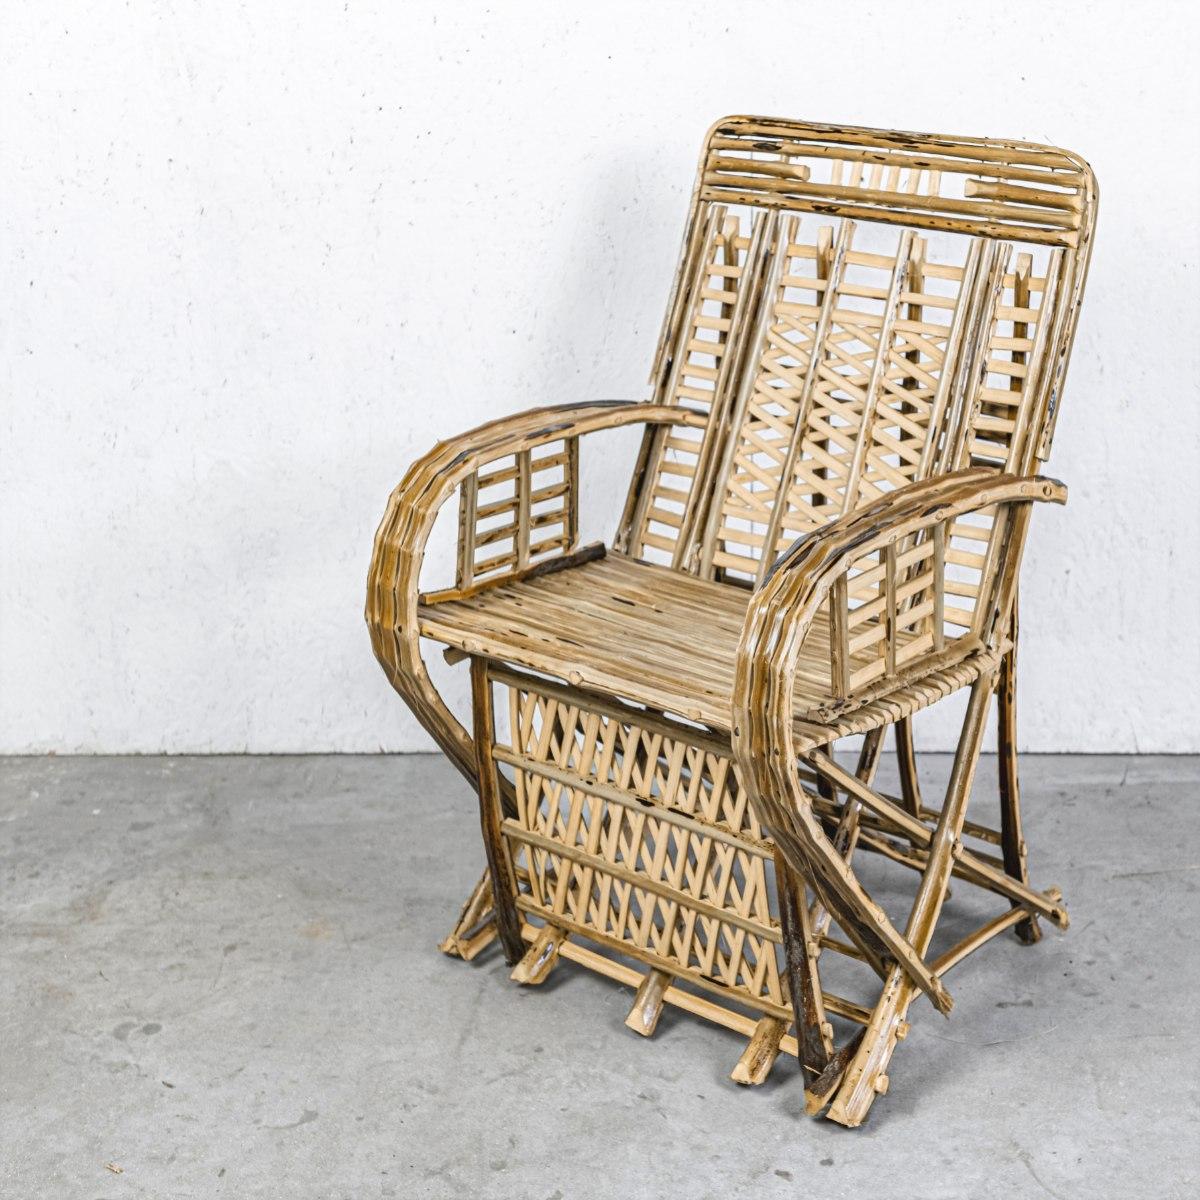 כיסא / כורסא נצרים - מיוחד ליריד